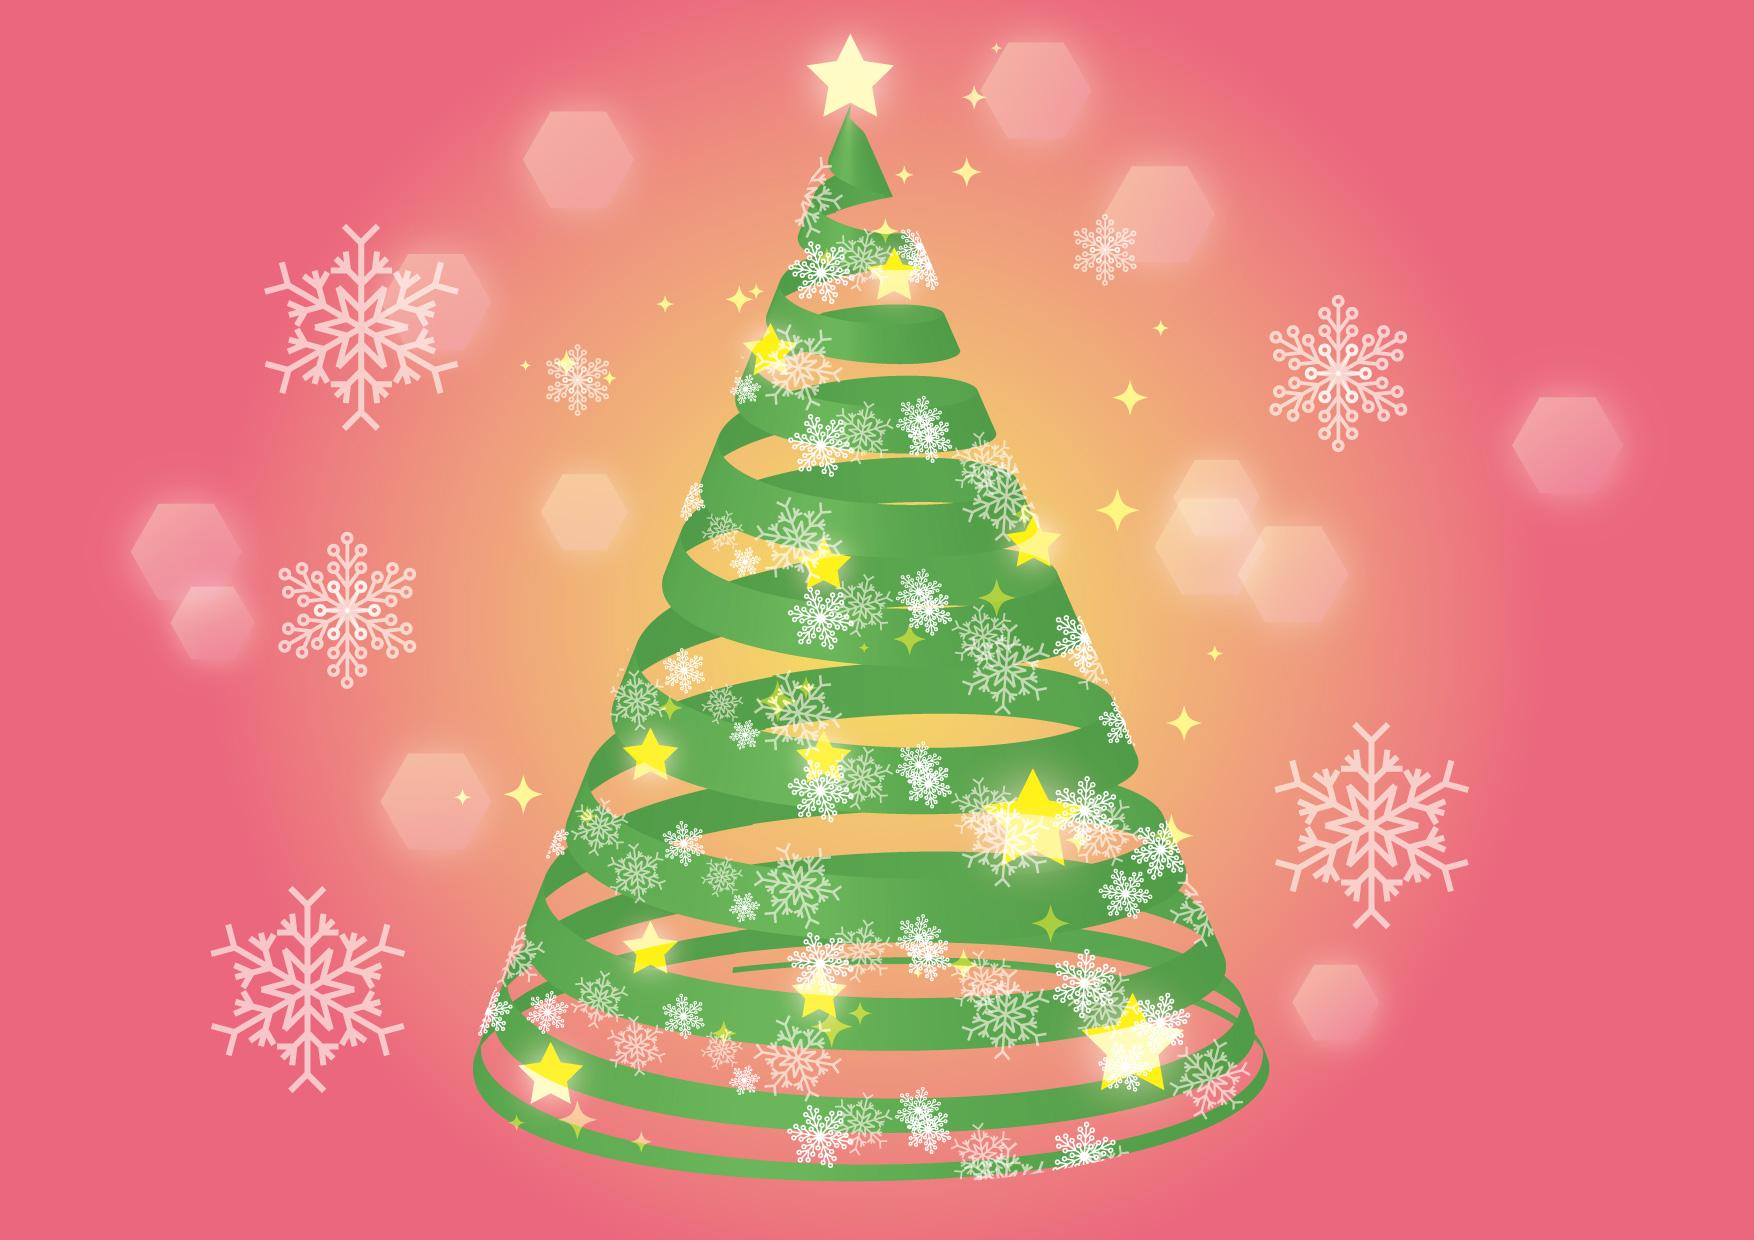 可愛いイラスト無料|クリスマスツリー リボン 雪の結晶 − free illustration Christmas tree ribbon snowflake